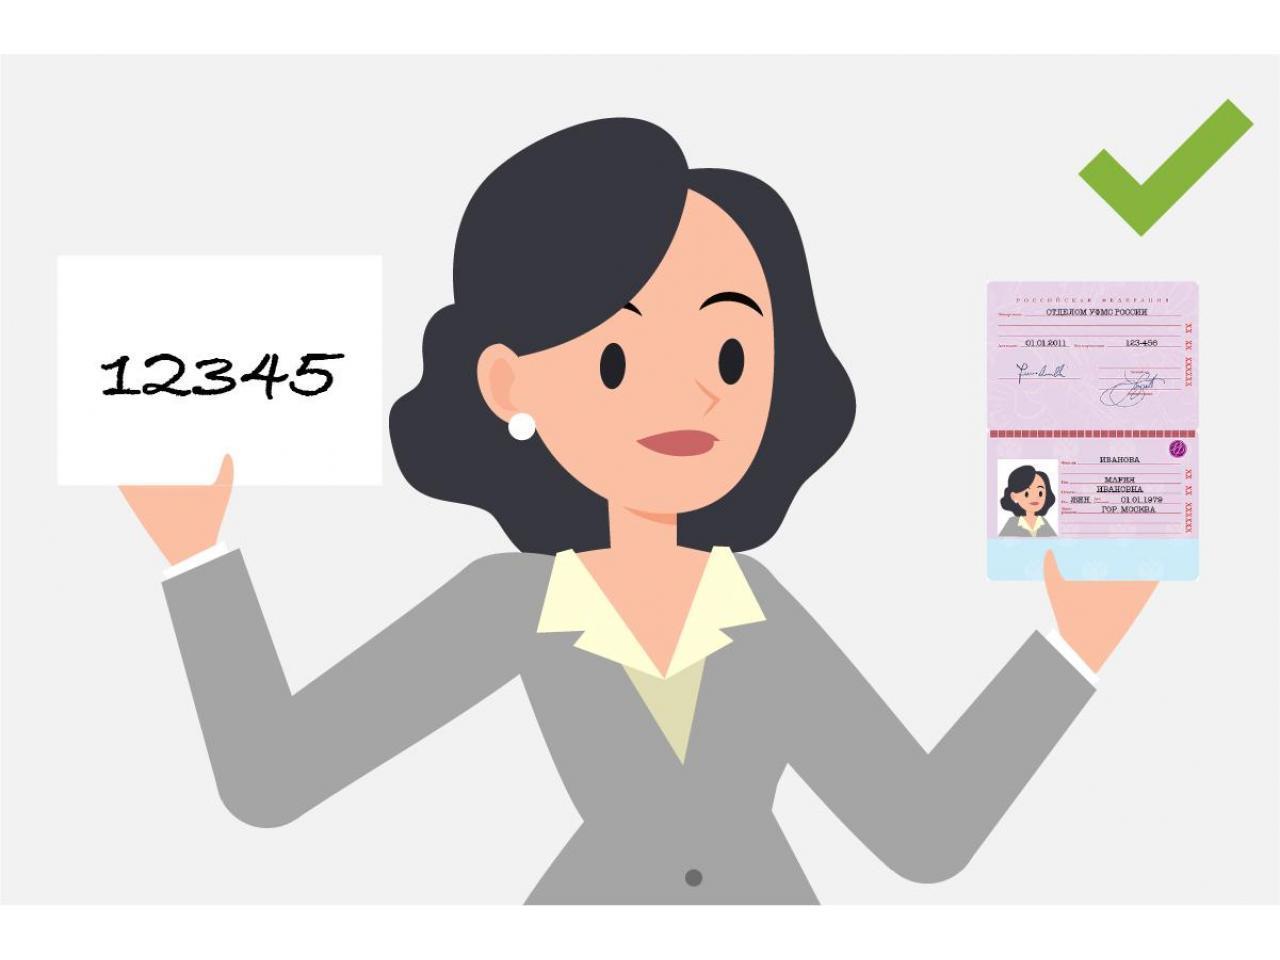 Работа удаленно для жителей ЕЭС – в онлайн регистрациях. - 1